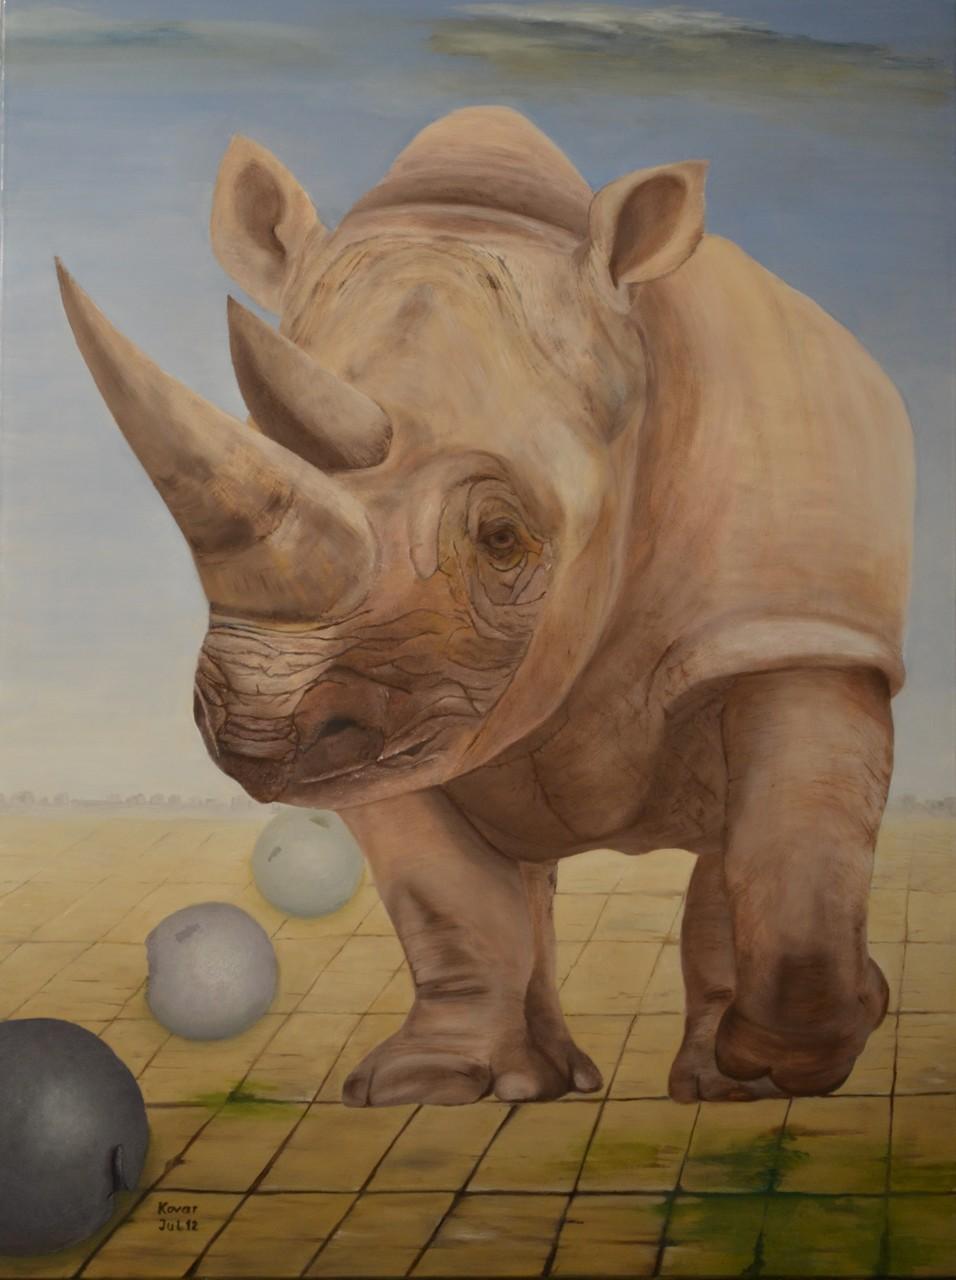 Arme Kreatur, Öl auf Leinwand 60x80cm, 2012. Oil on canvas.